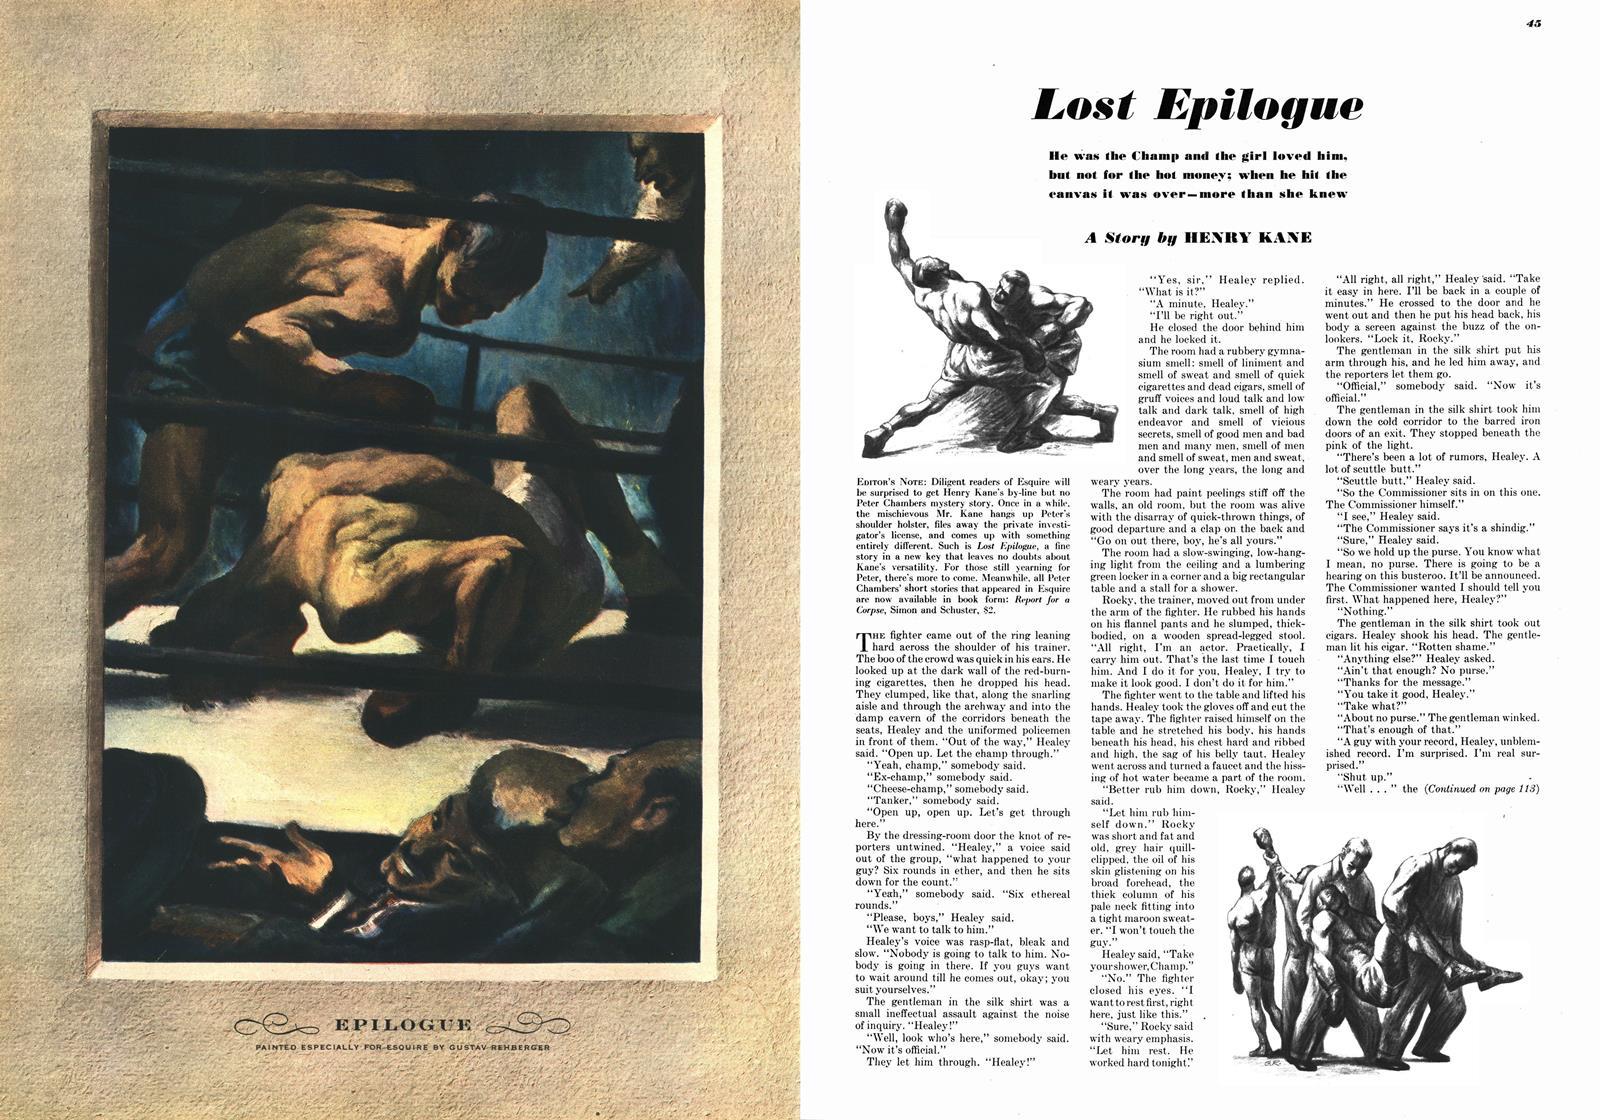 October 1948 - Lost Epilogue